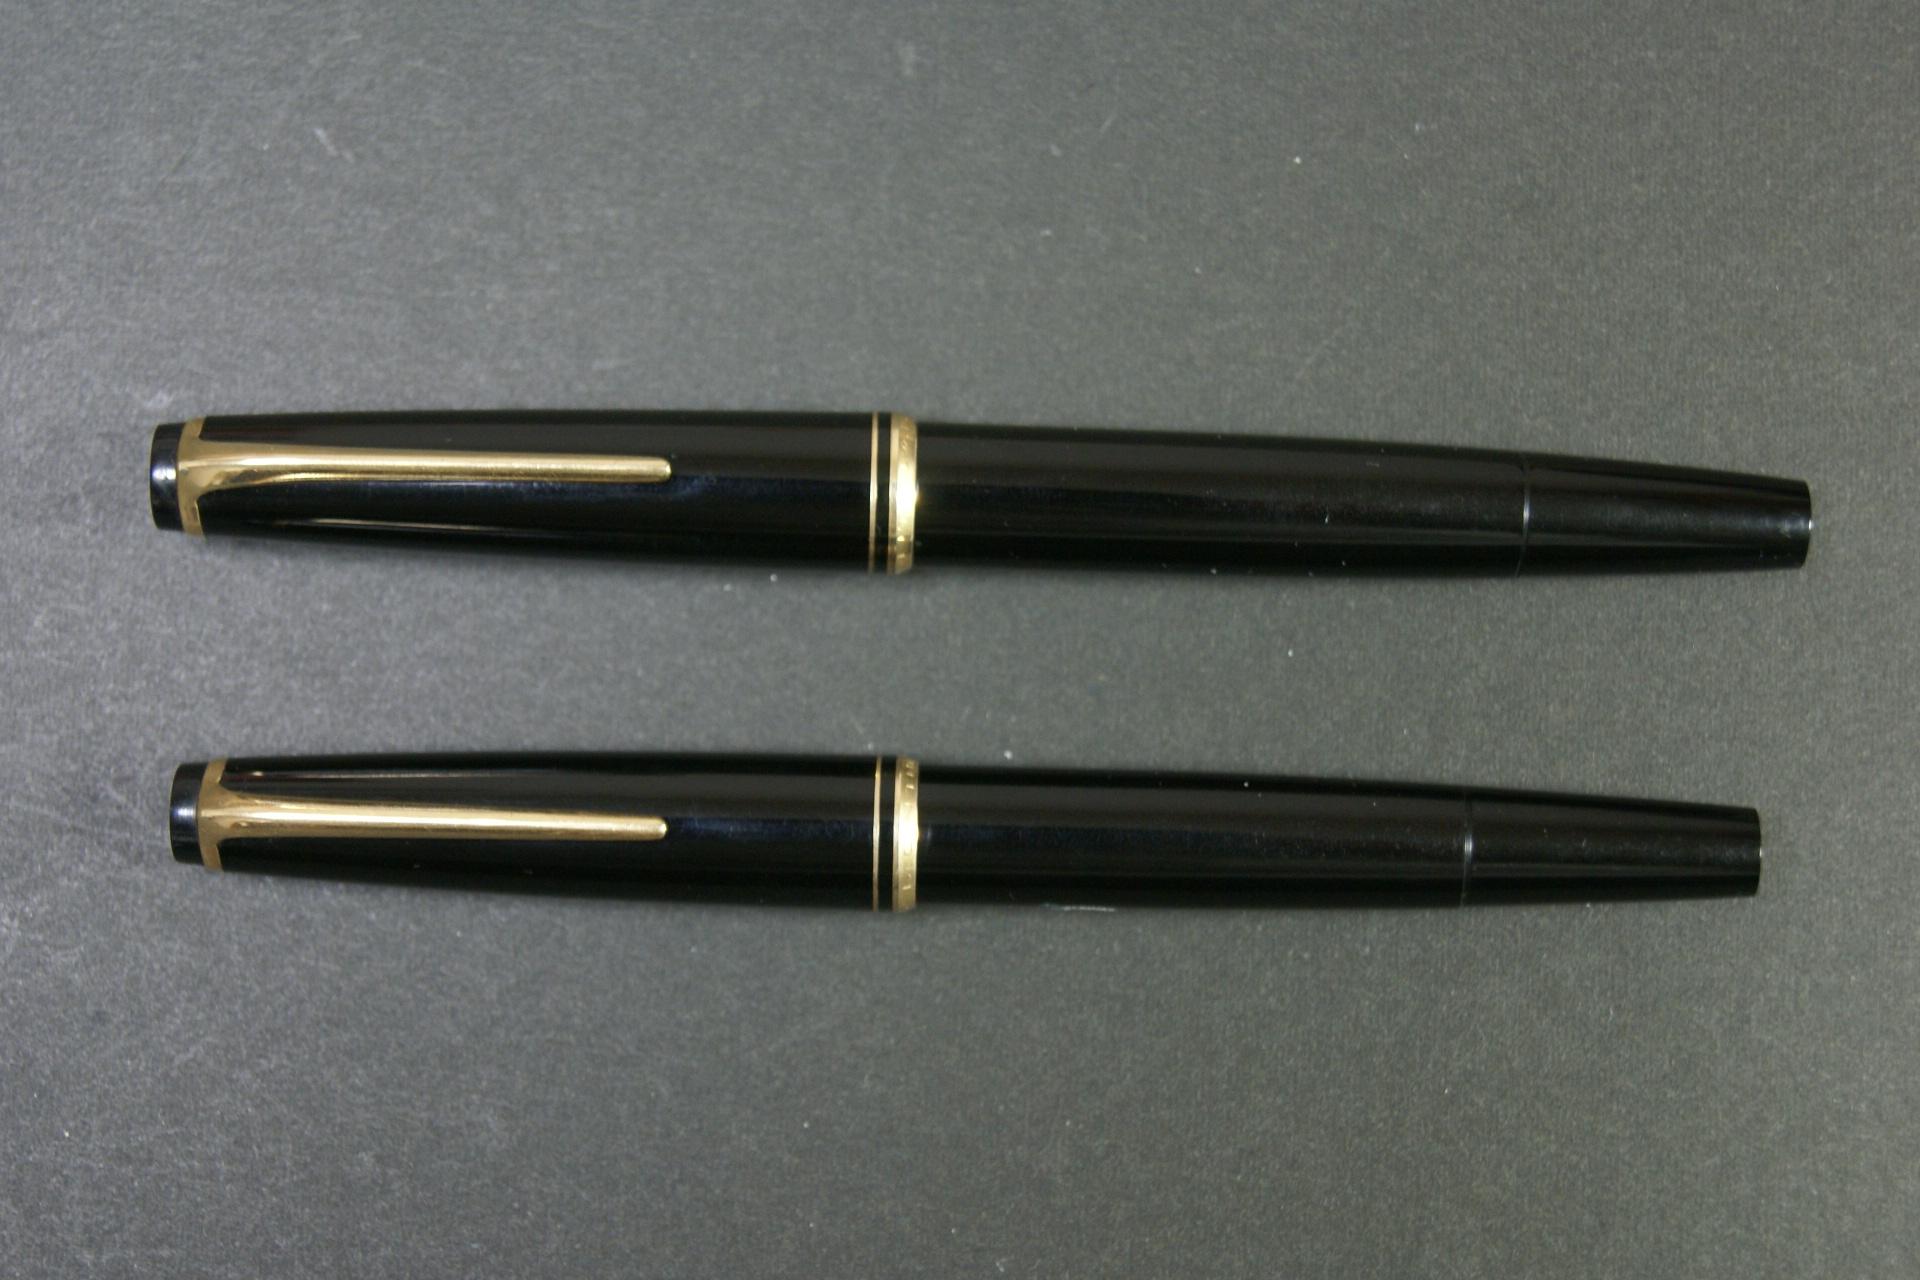 モンブランNo 24とNo 22のサイズ比較